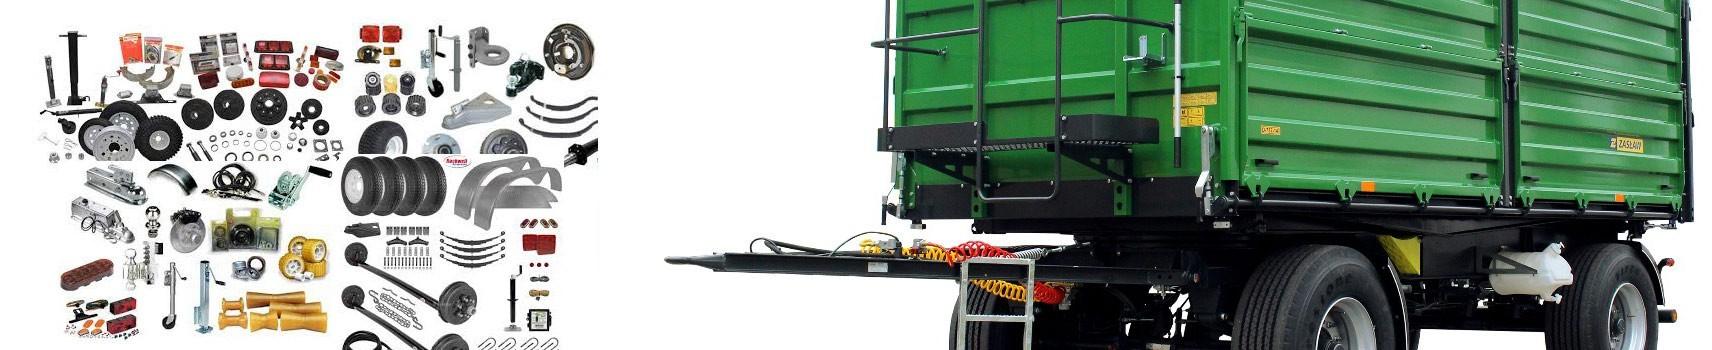 Pótkocsielemek és alkatrészek 3.5 tonnáig